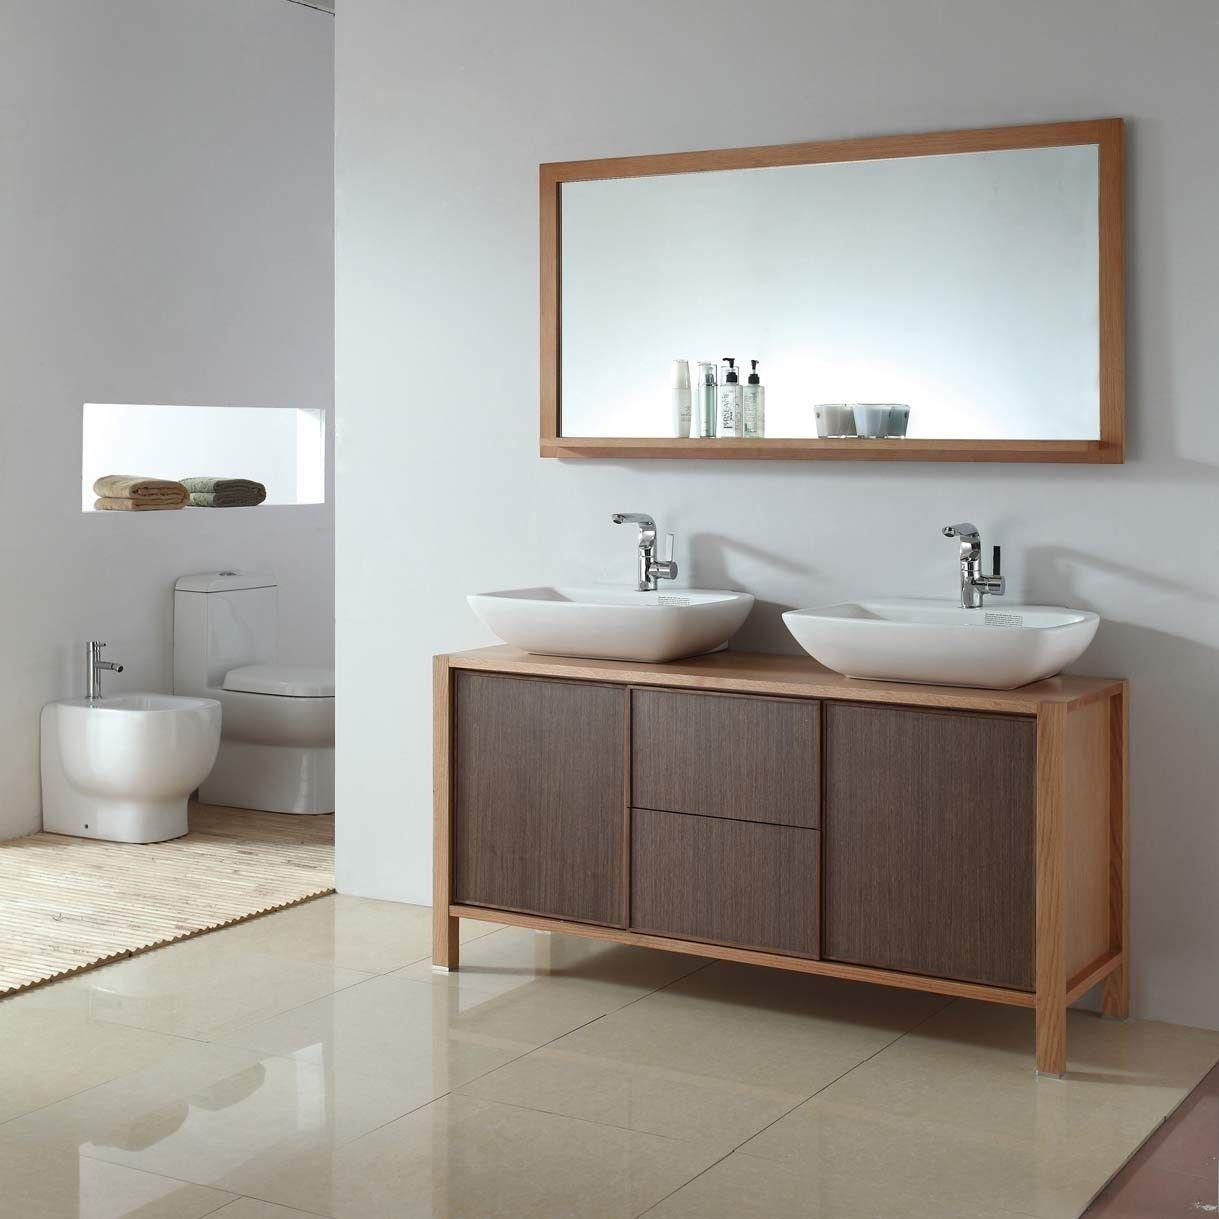 traditional designer bathroom vanities. Bathroom: Traditional Bathroom Vanity Mirrors With Ceramic Tile Floor Decorated From The Mirror Designer Vanities